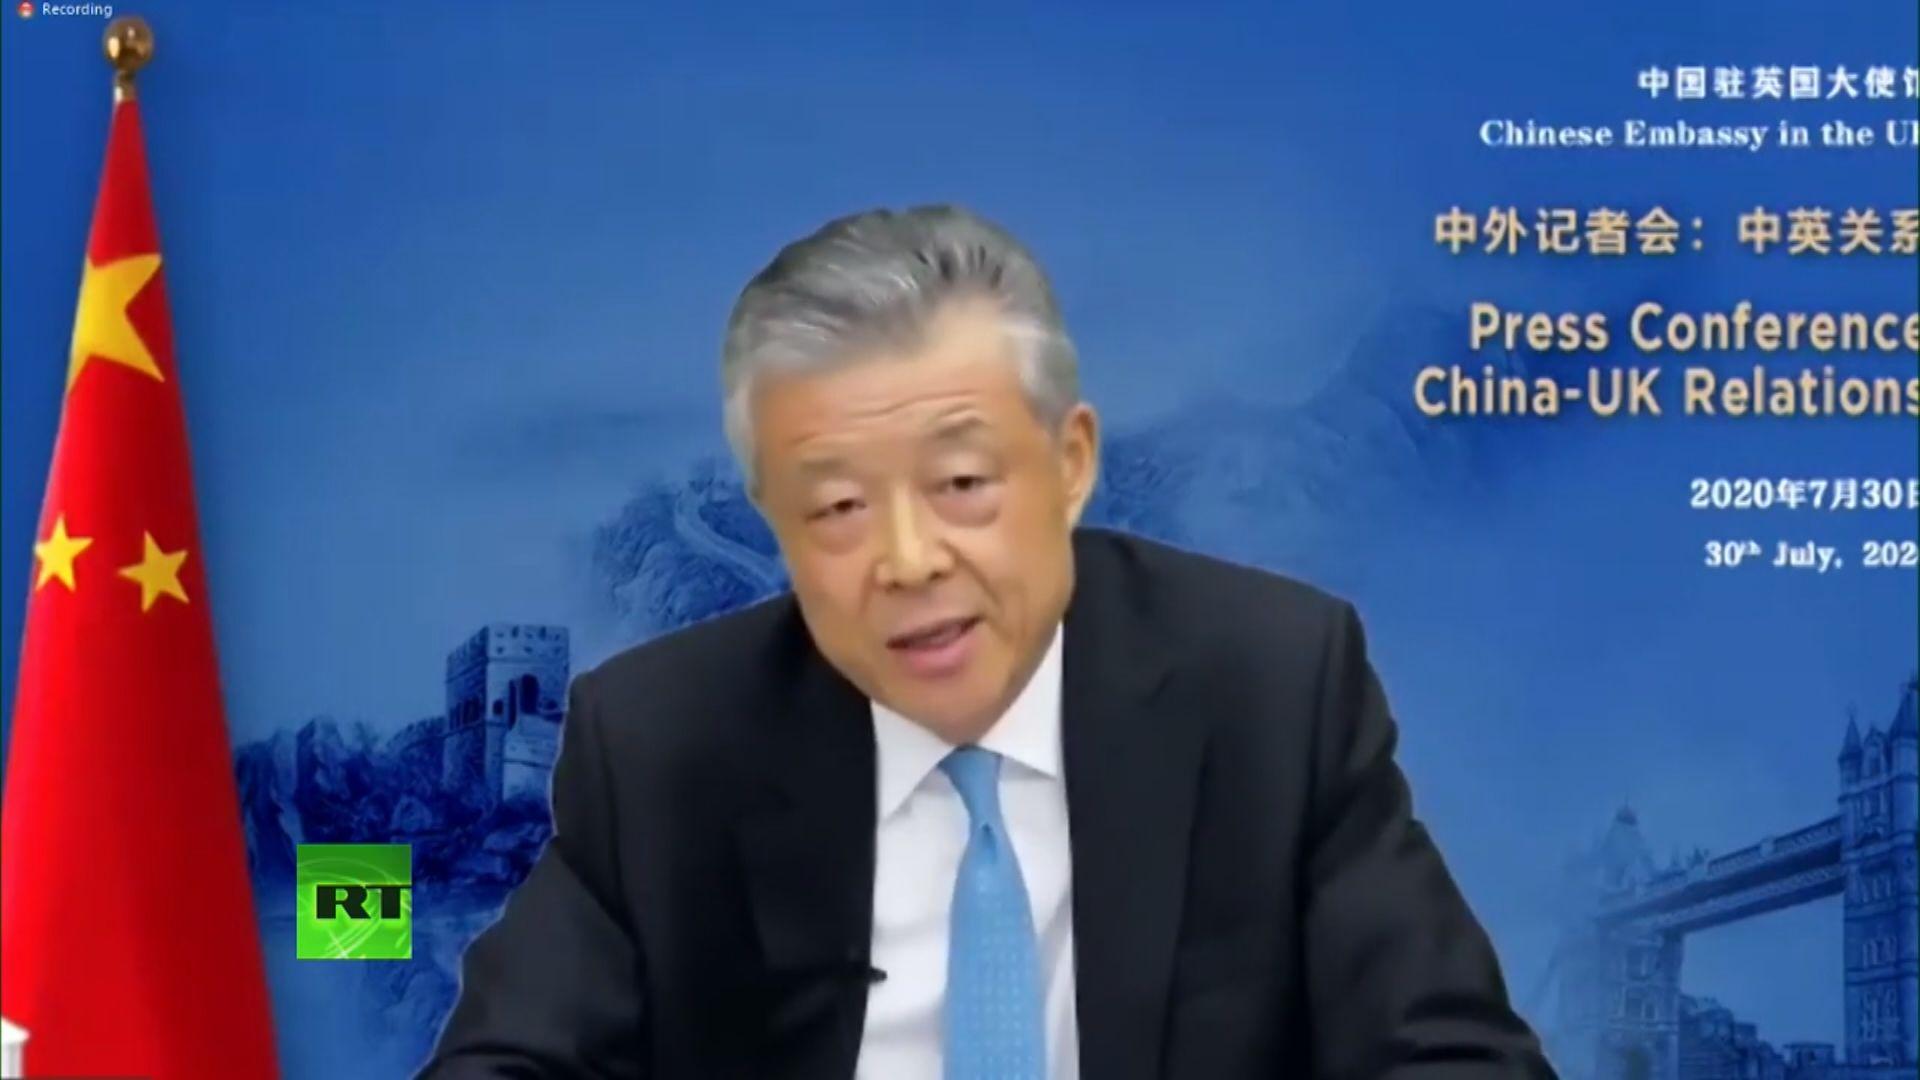 中國駐英大使警告將不視BNO為合法旅遊證件